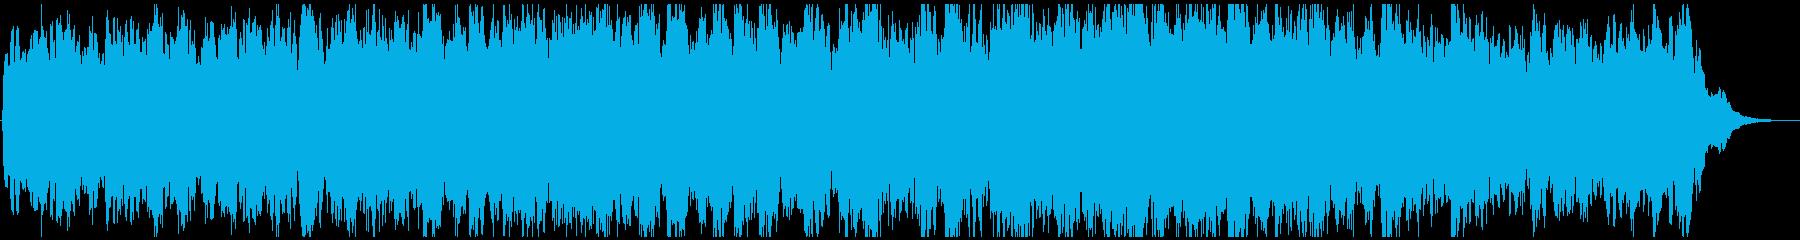 アンビエントミュージック 淡々 悲...の再生済みの波形